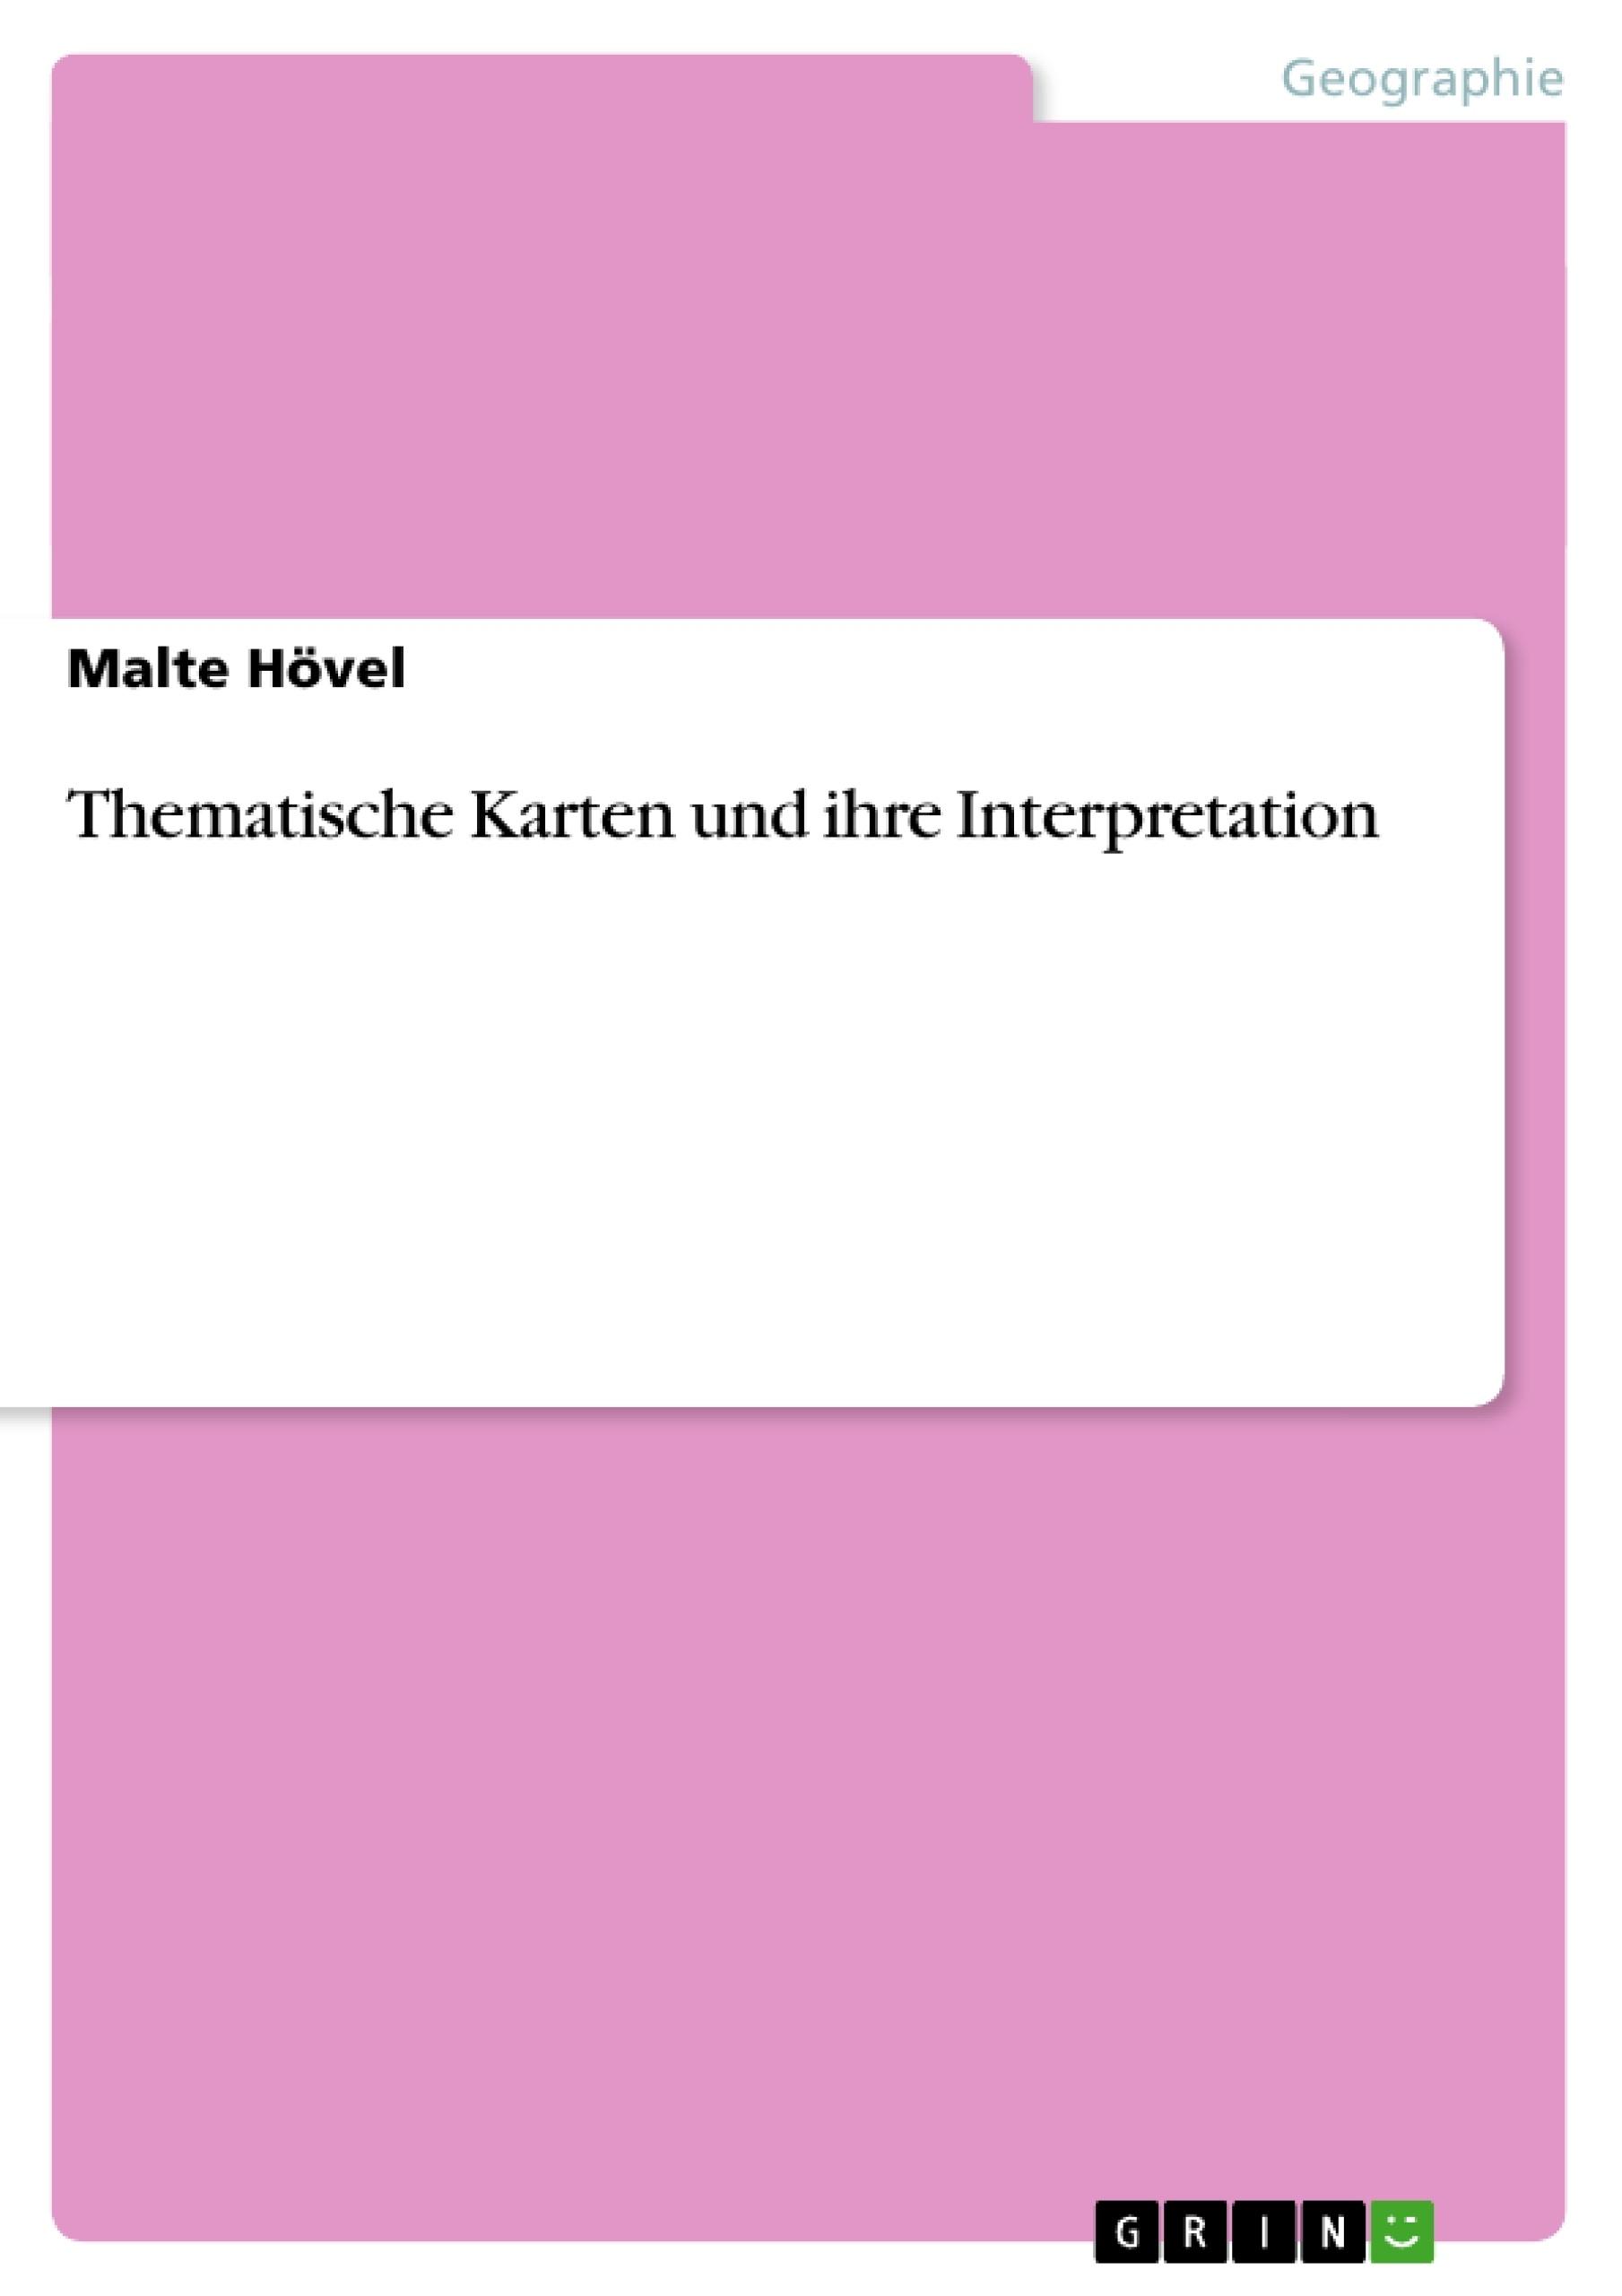 Titel: Thematische Karten und ihre Interpretation